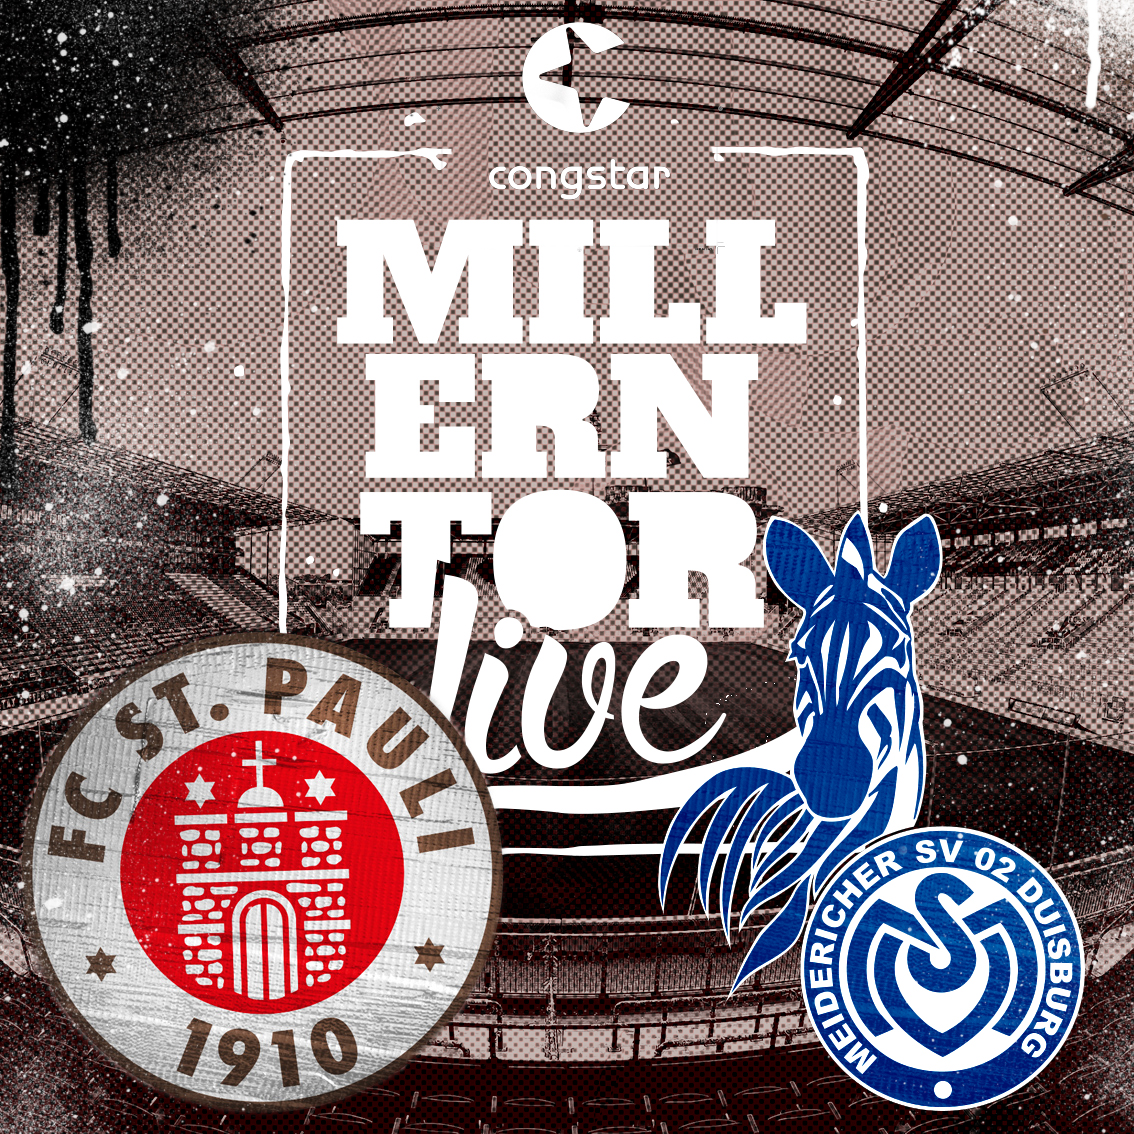 Millerntorlive – unsere Heimspielsendung gegen Duisburg